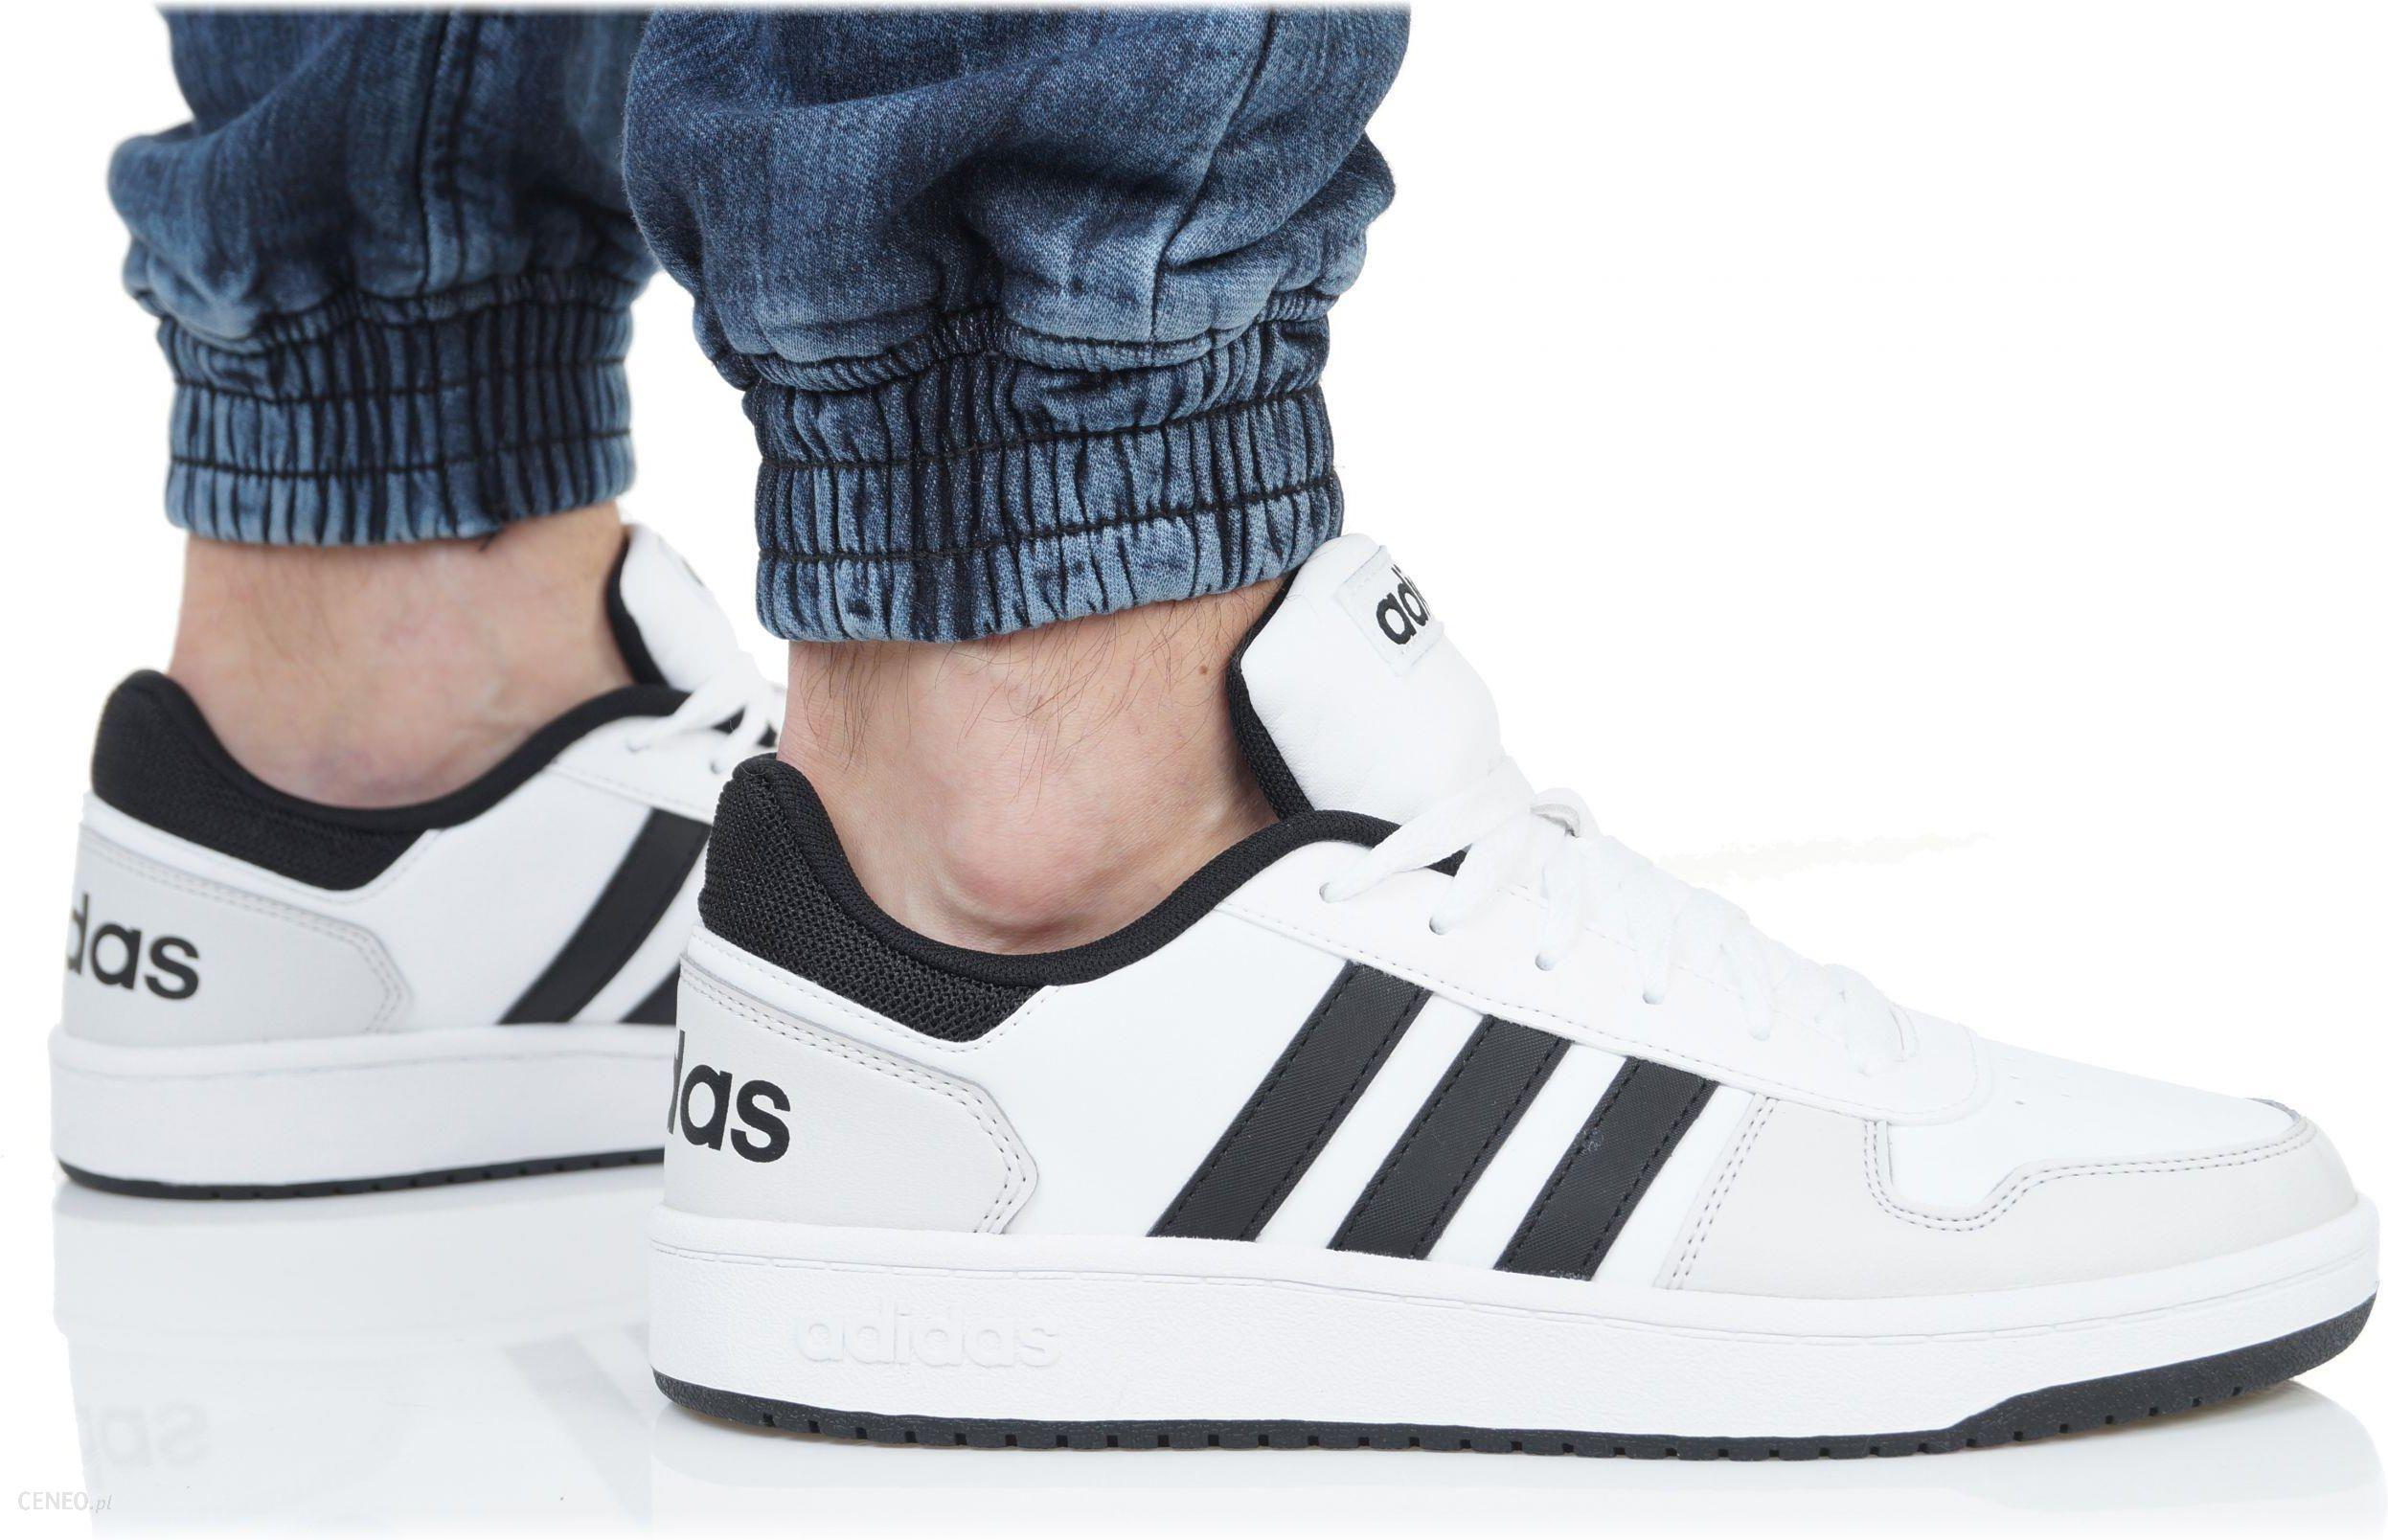 Buty Adidas Męskie Hoops 2.0 DB0116 Białe Ceny i opinie Ceneo.pl